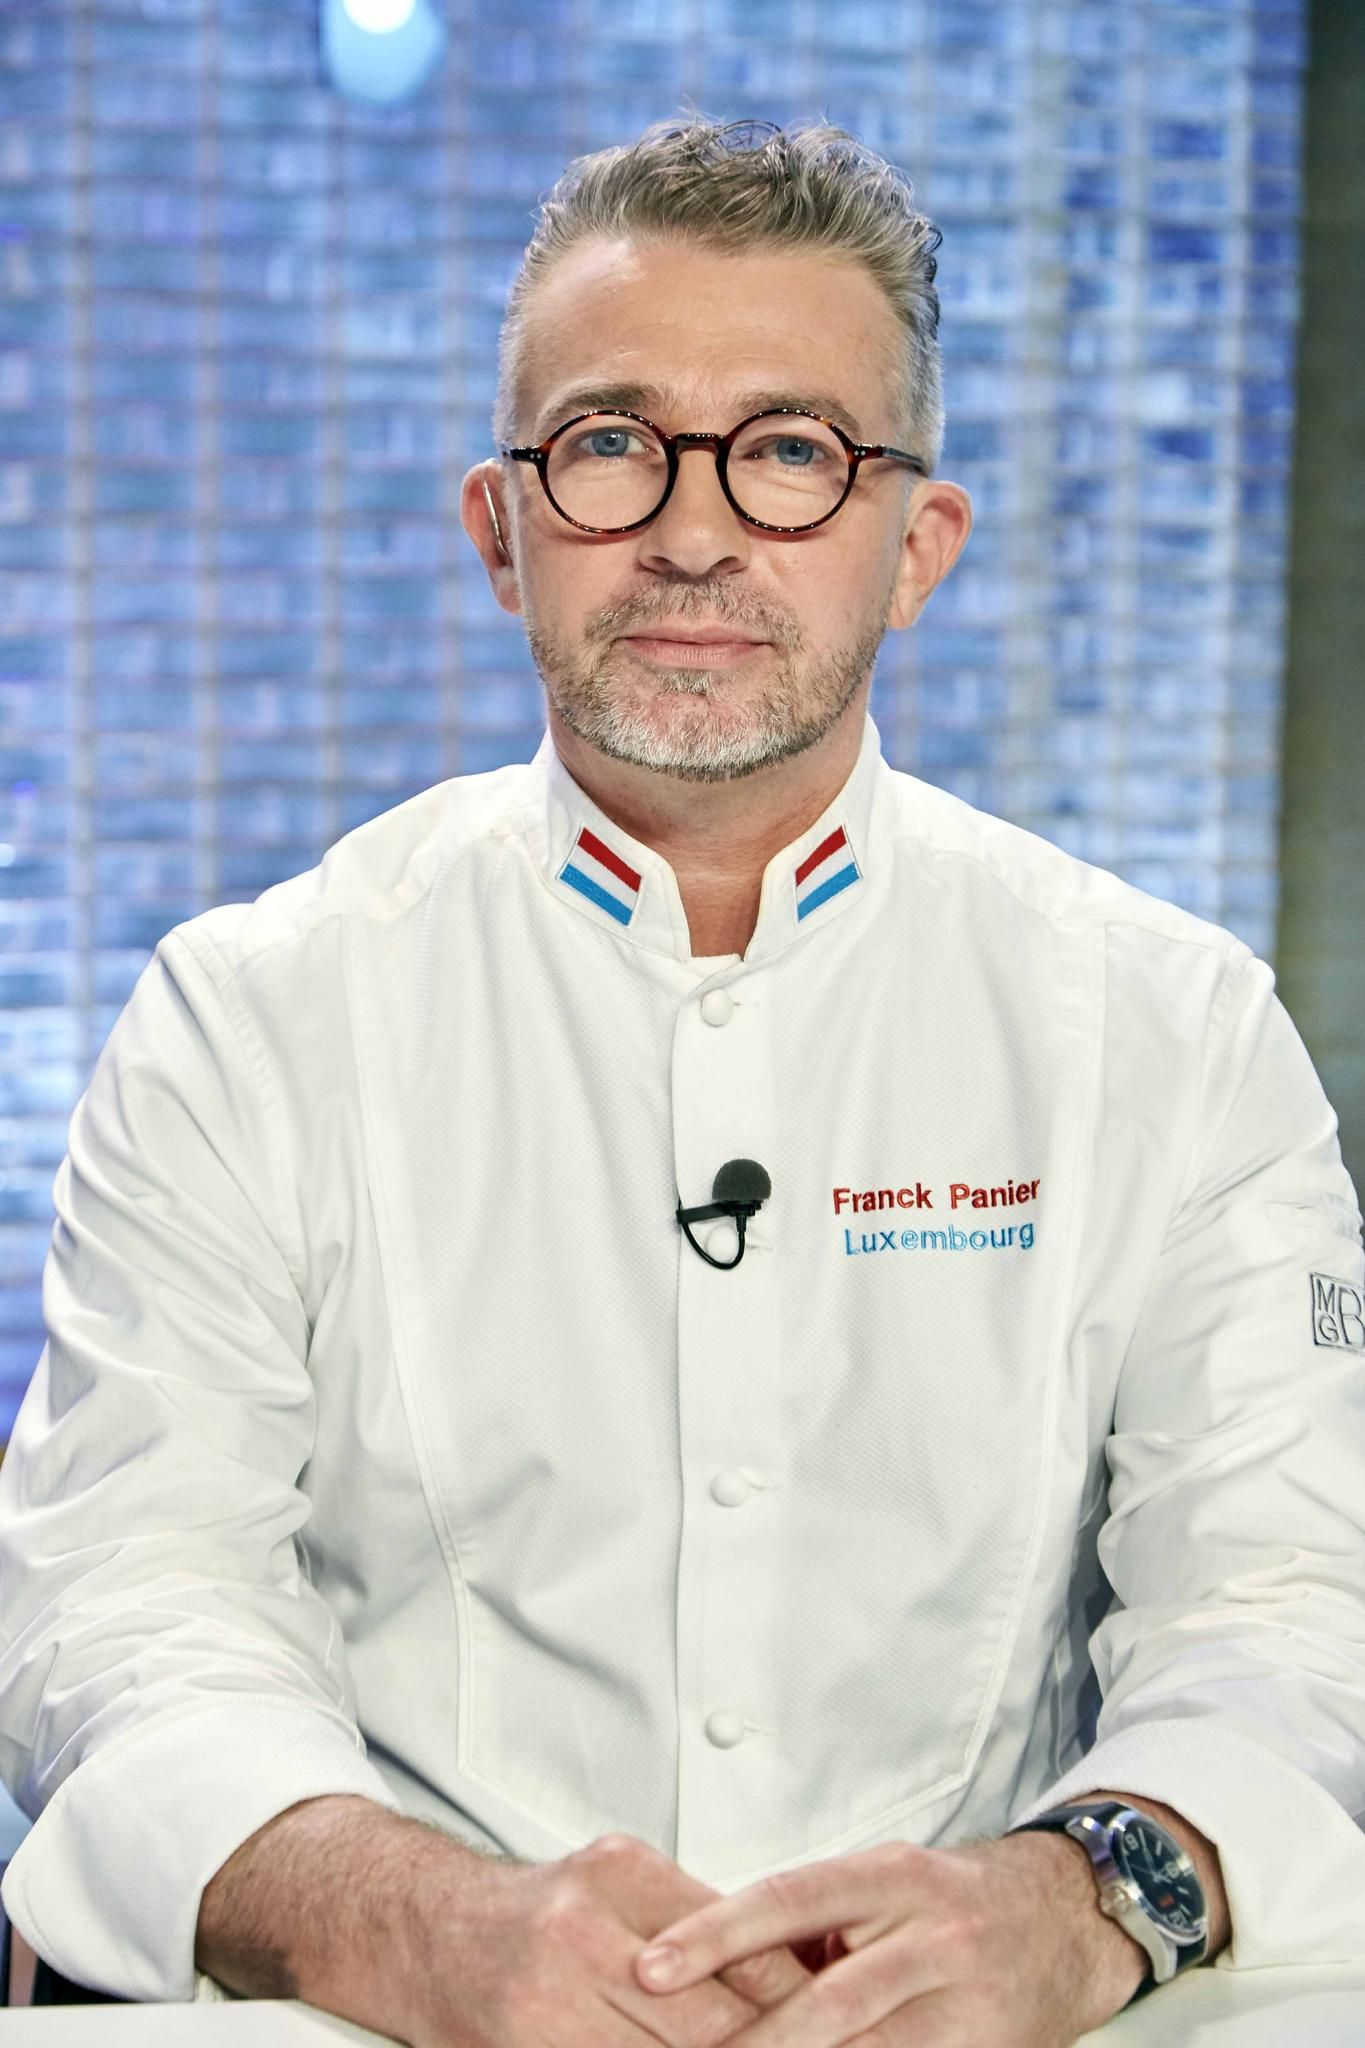 Franck Panier